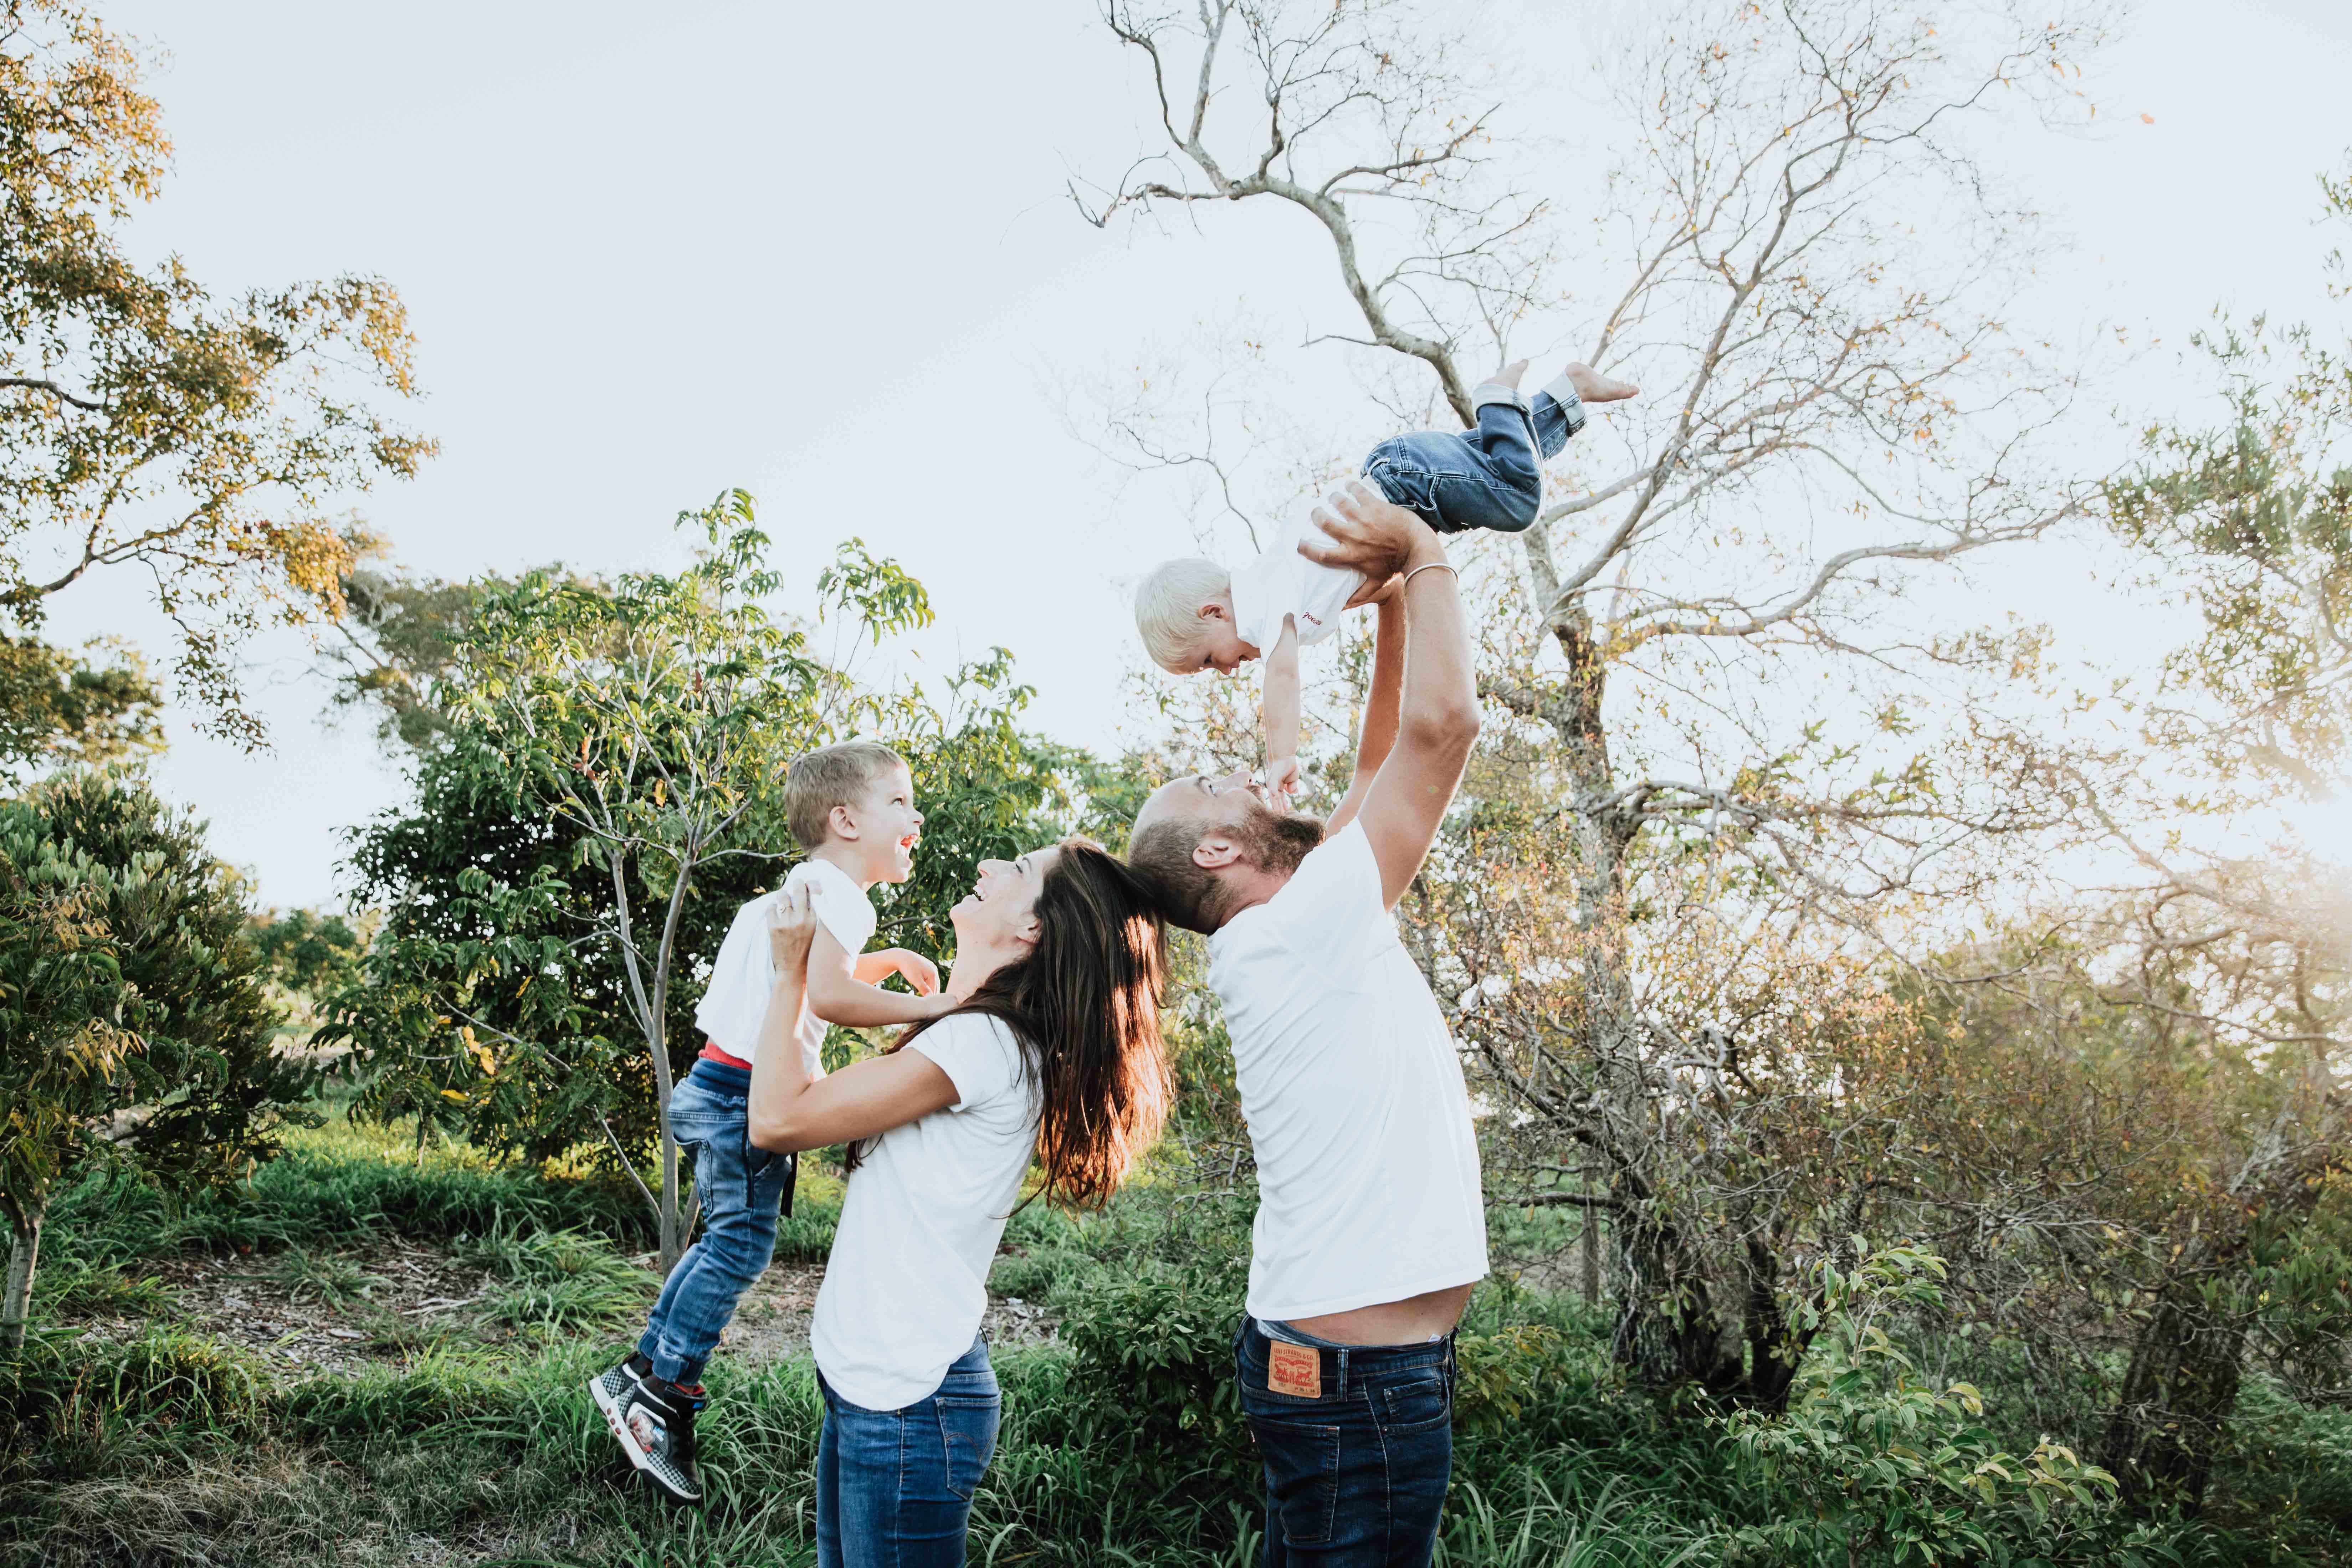 séance photo lifestyle en famille en extérieur, au coucher au soleil dans la verdure. Les parents jouent avec enfants. Les parents sont dos à dos, et soulèvent les enfants dans les airs